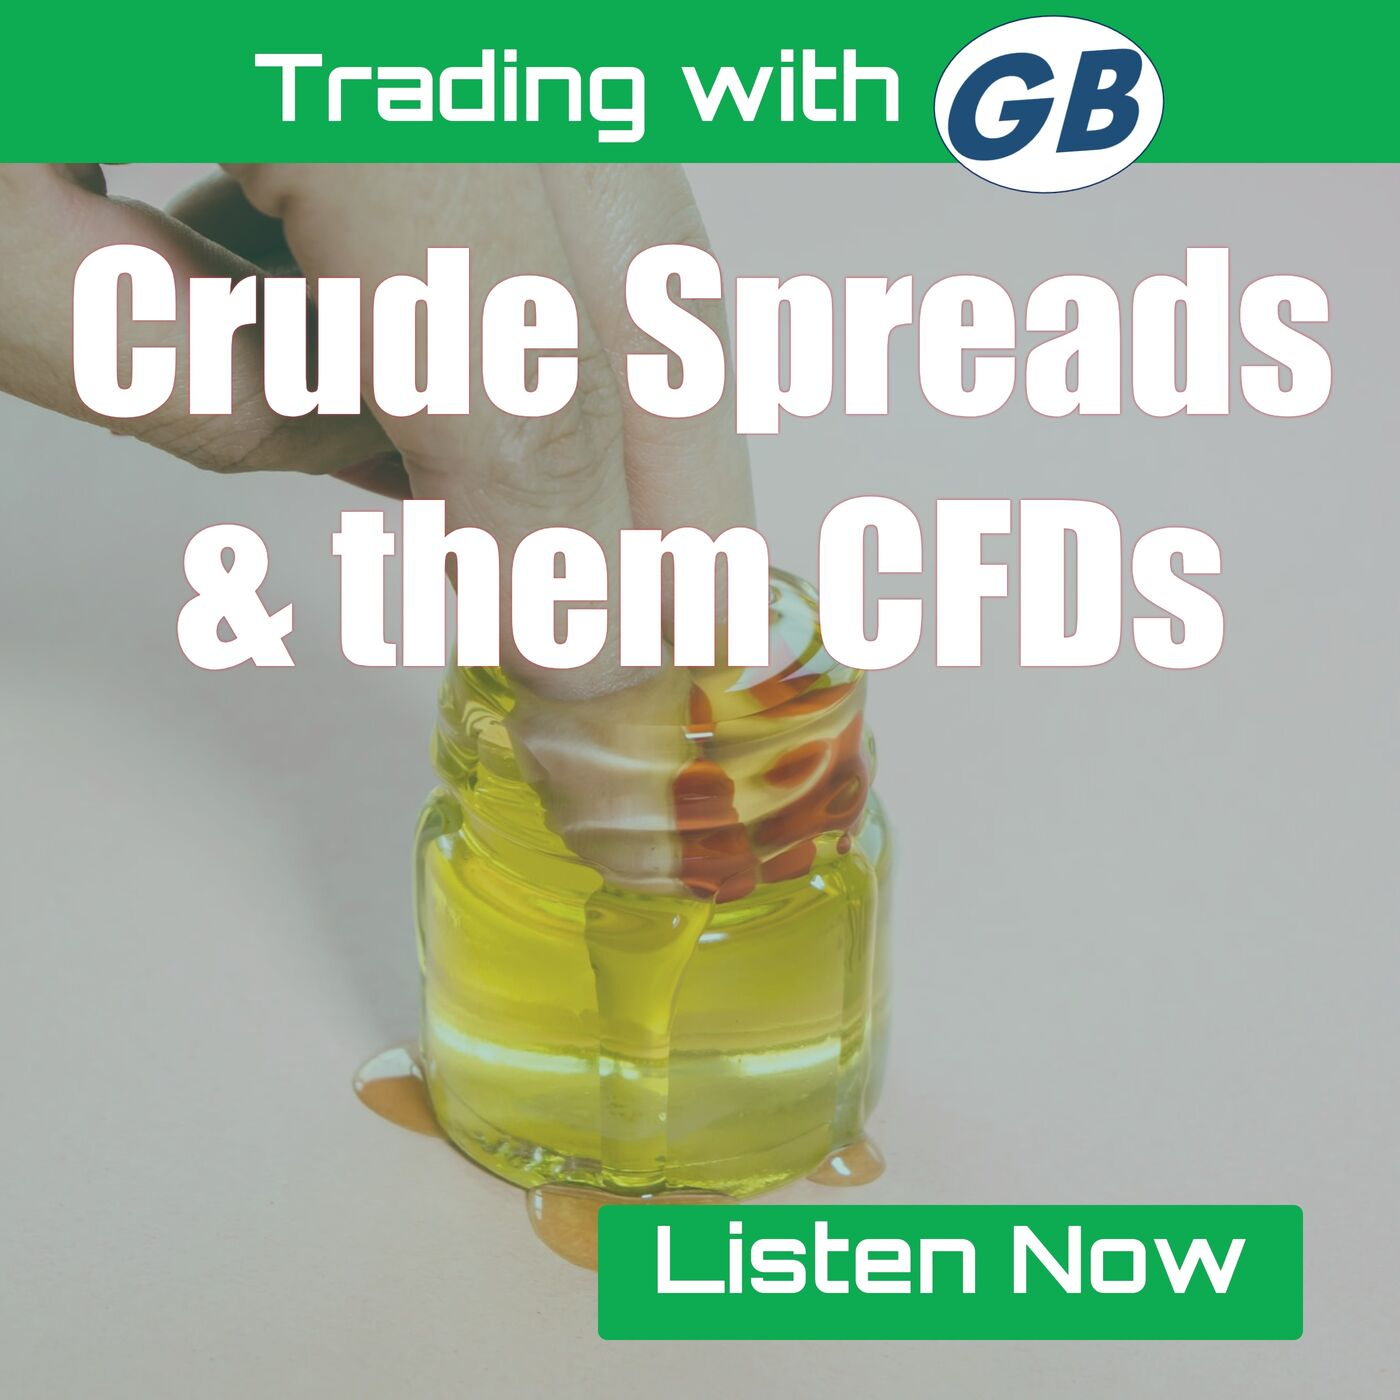 Futures Spreads versus CFDs in Crude Oil